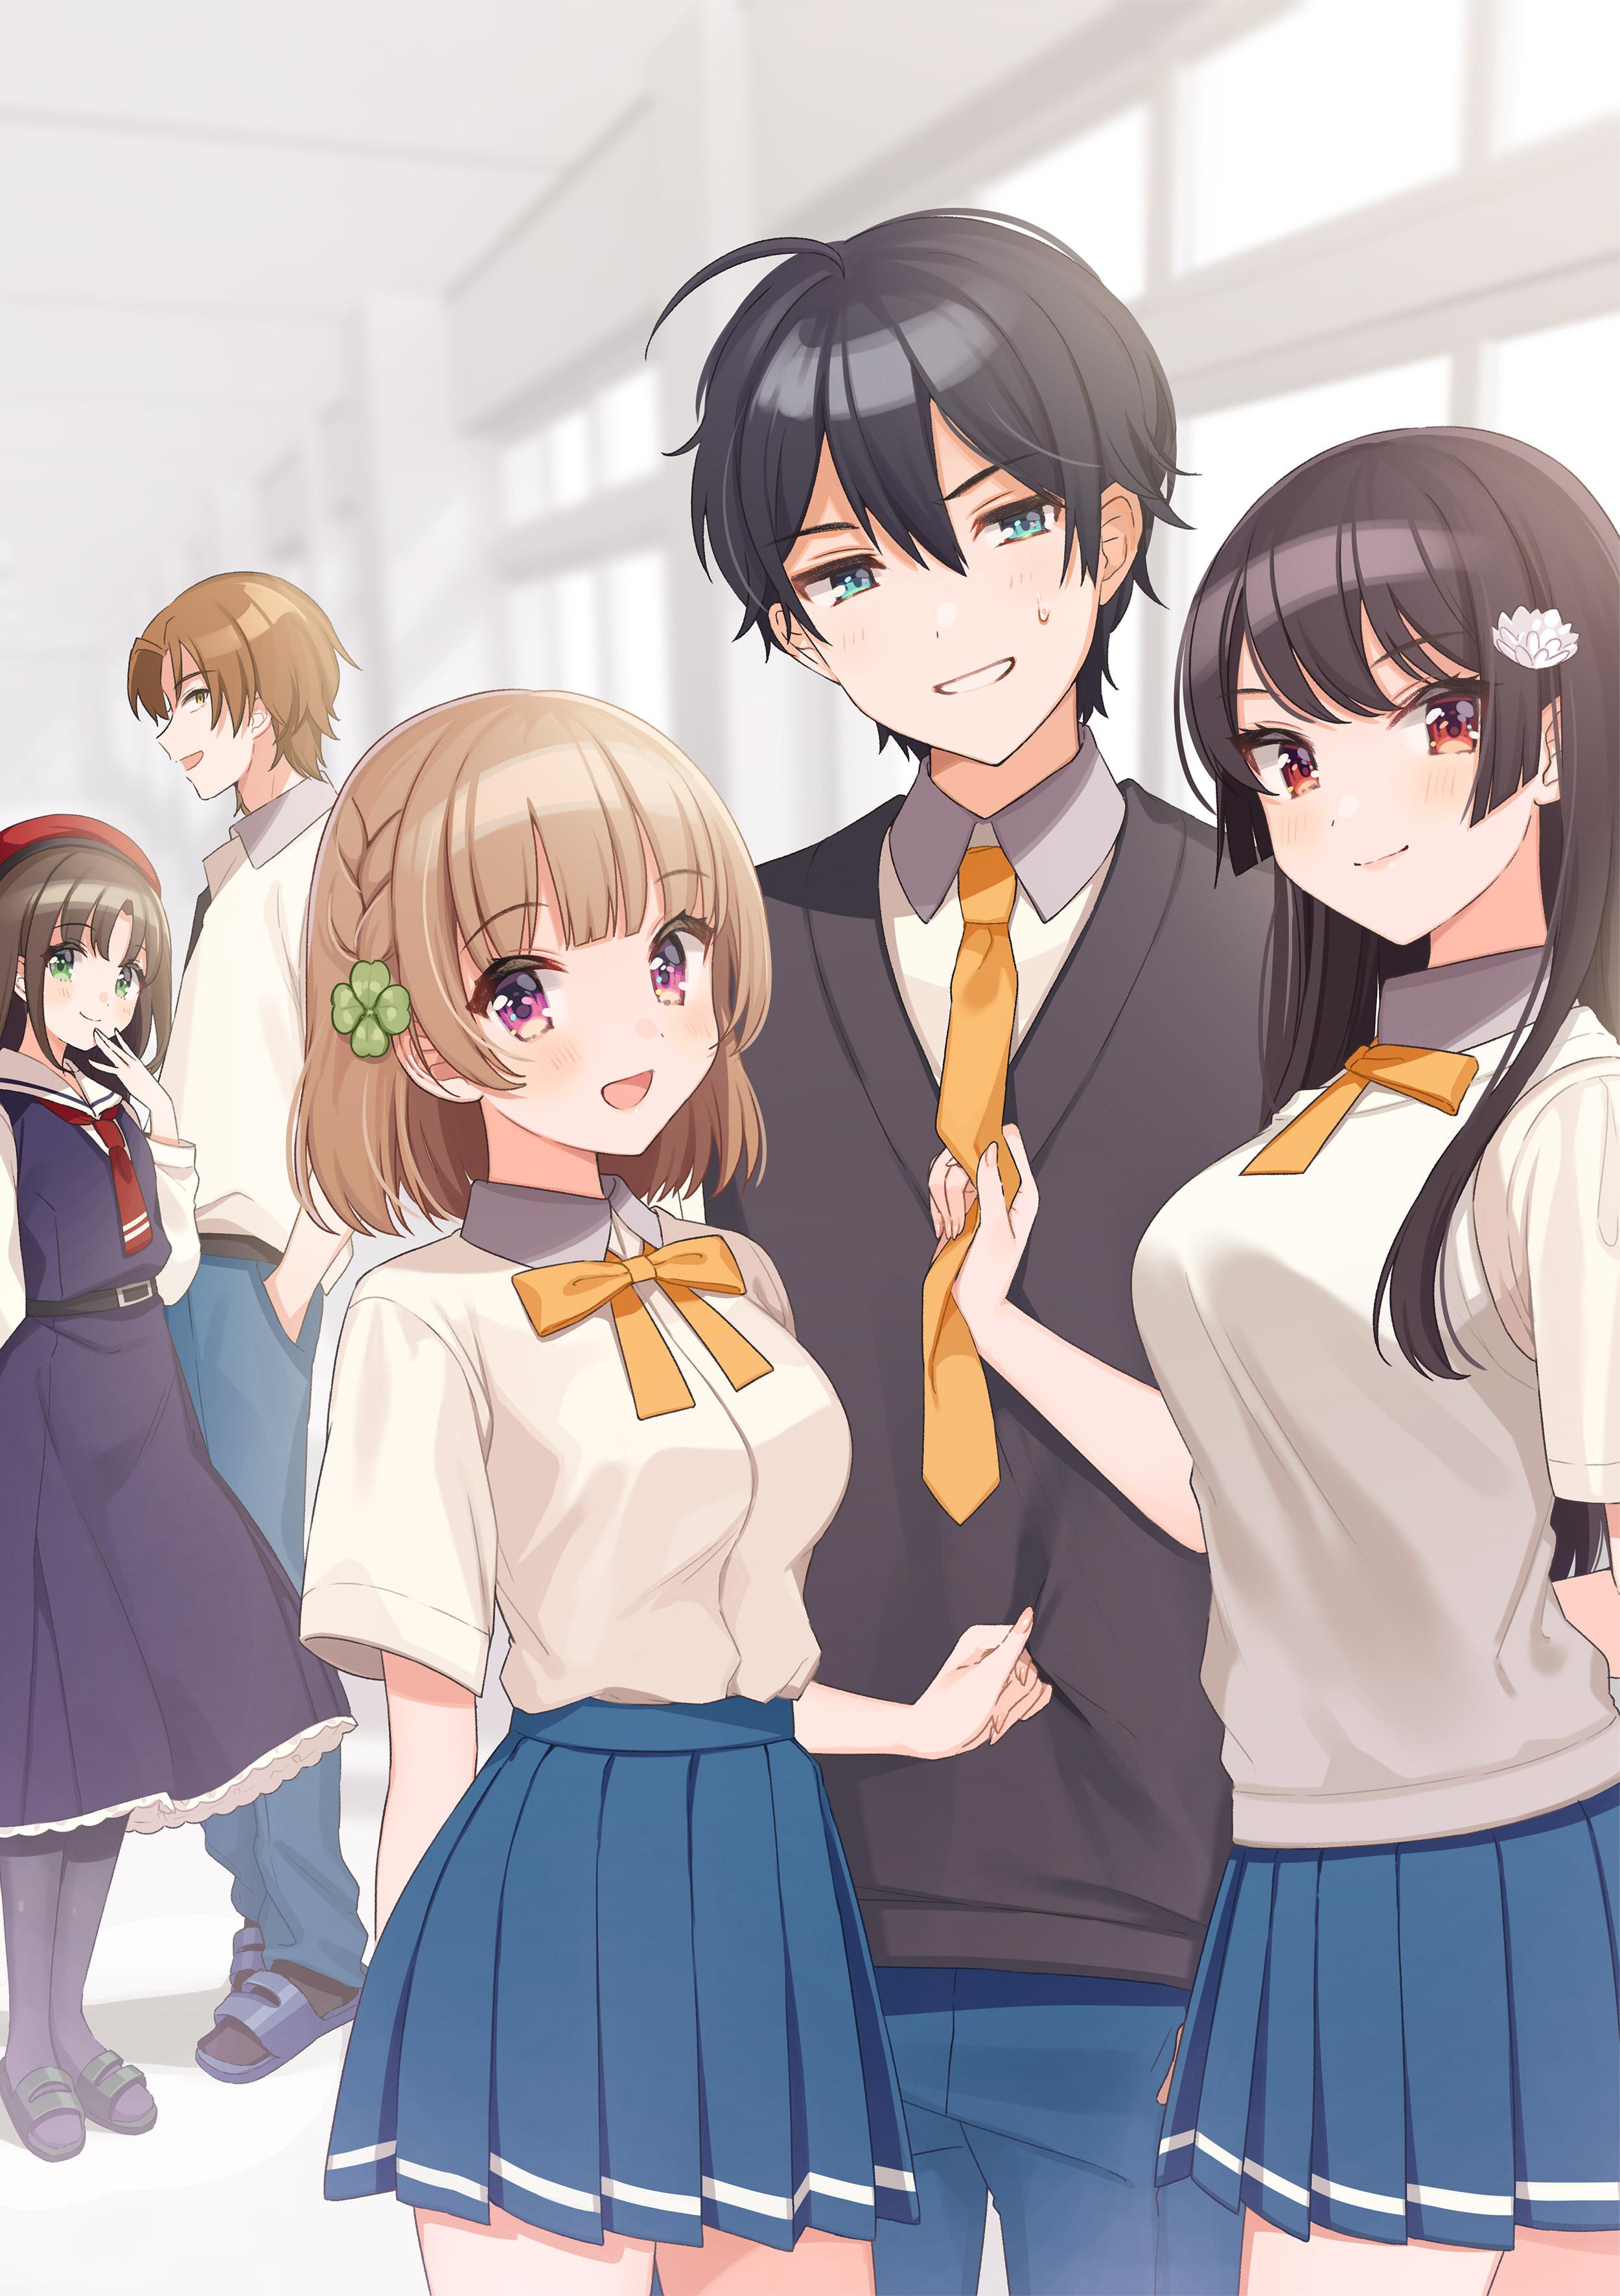 【动漫情报】轻小说《青梅竹马绝对不会输的恋爱喜剧》动画化PV公开